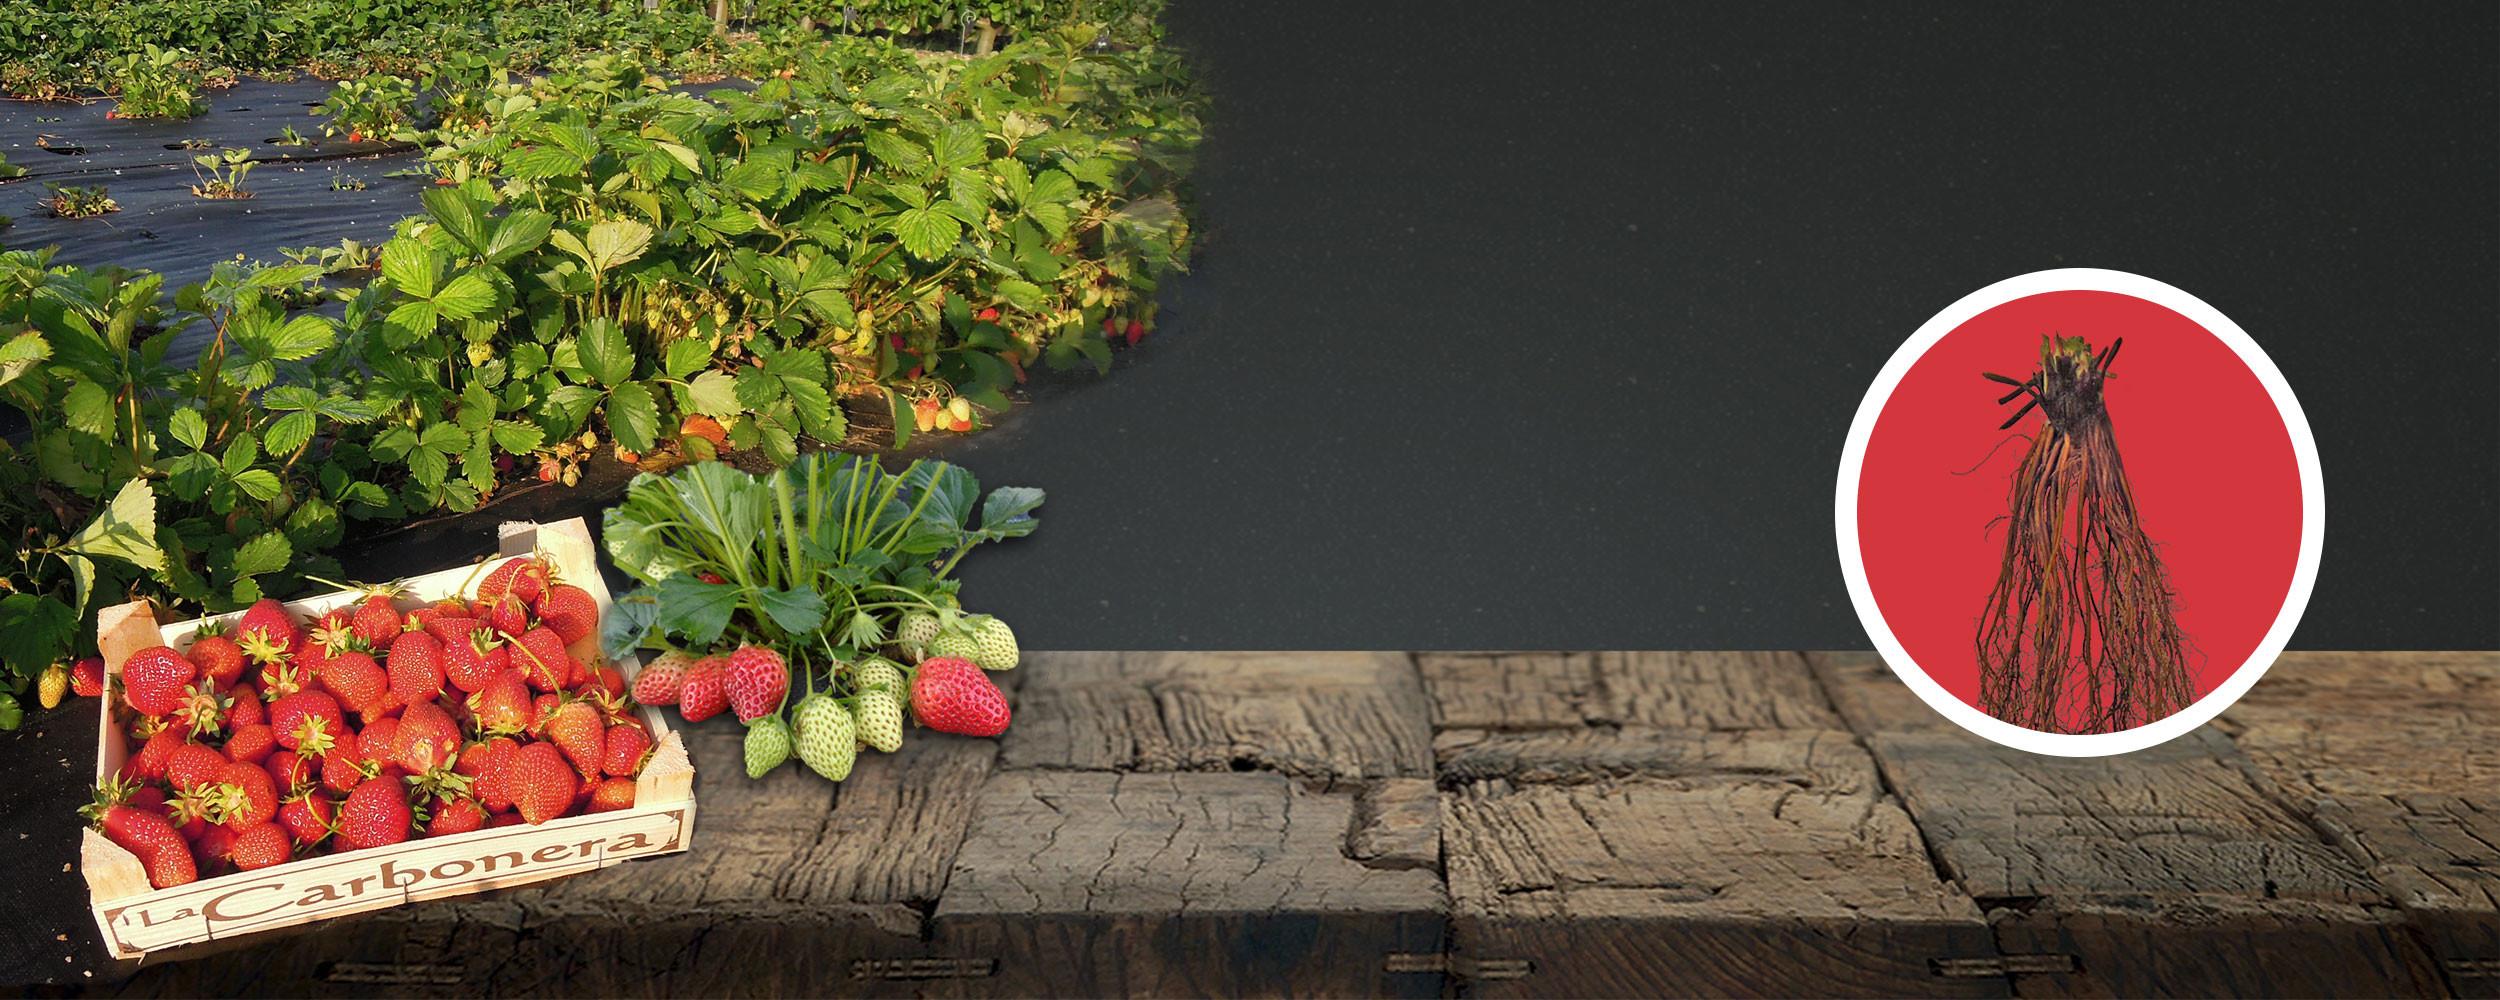 fraisiers racines nues